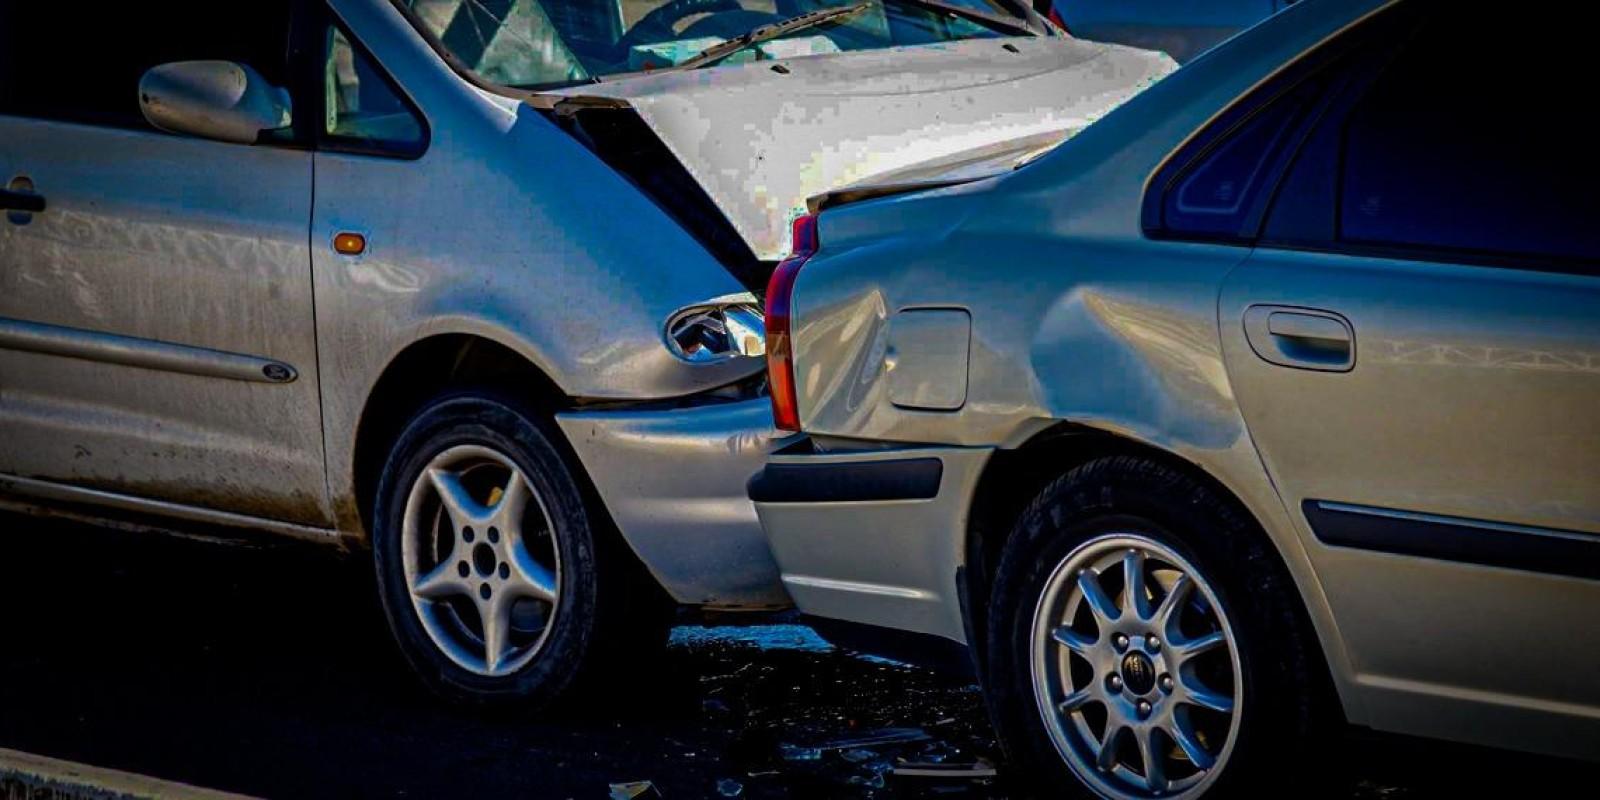 Apenas homens são vítimas de acidente fatais no trânsito em 2020 e 2021